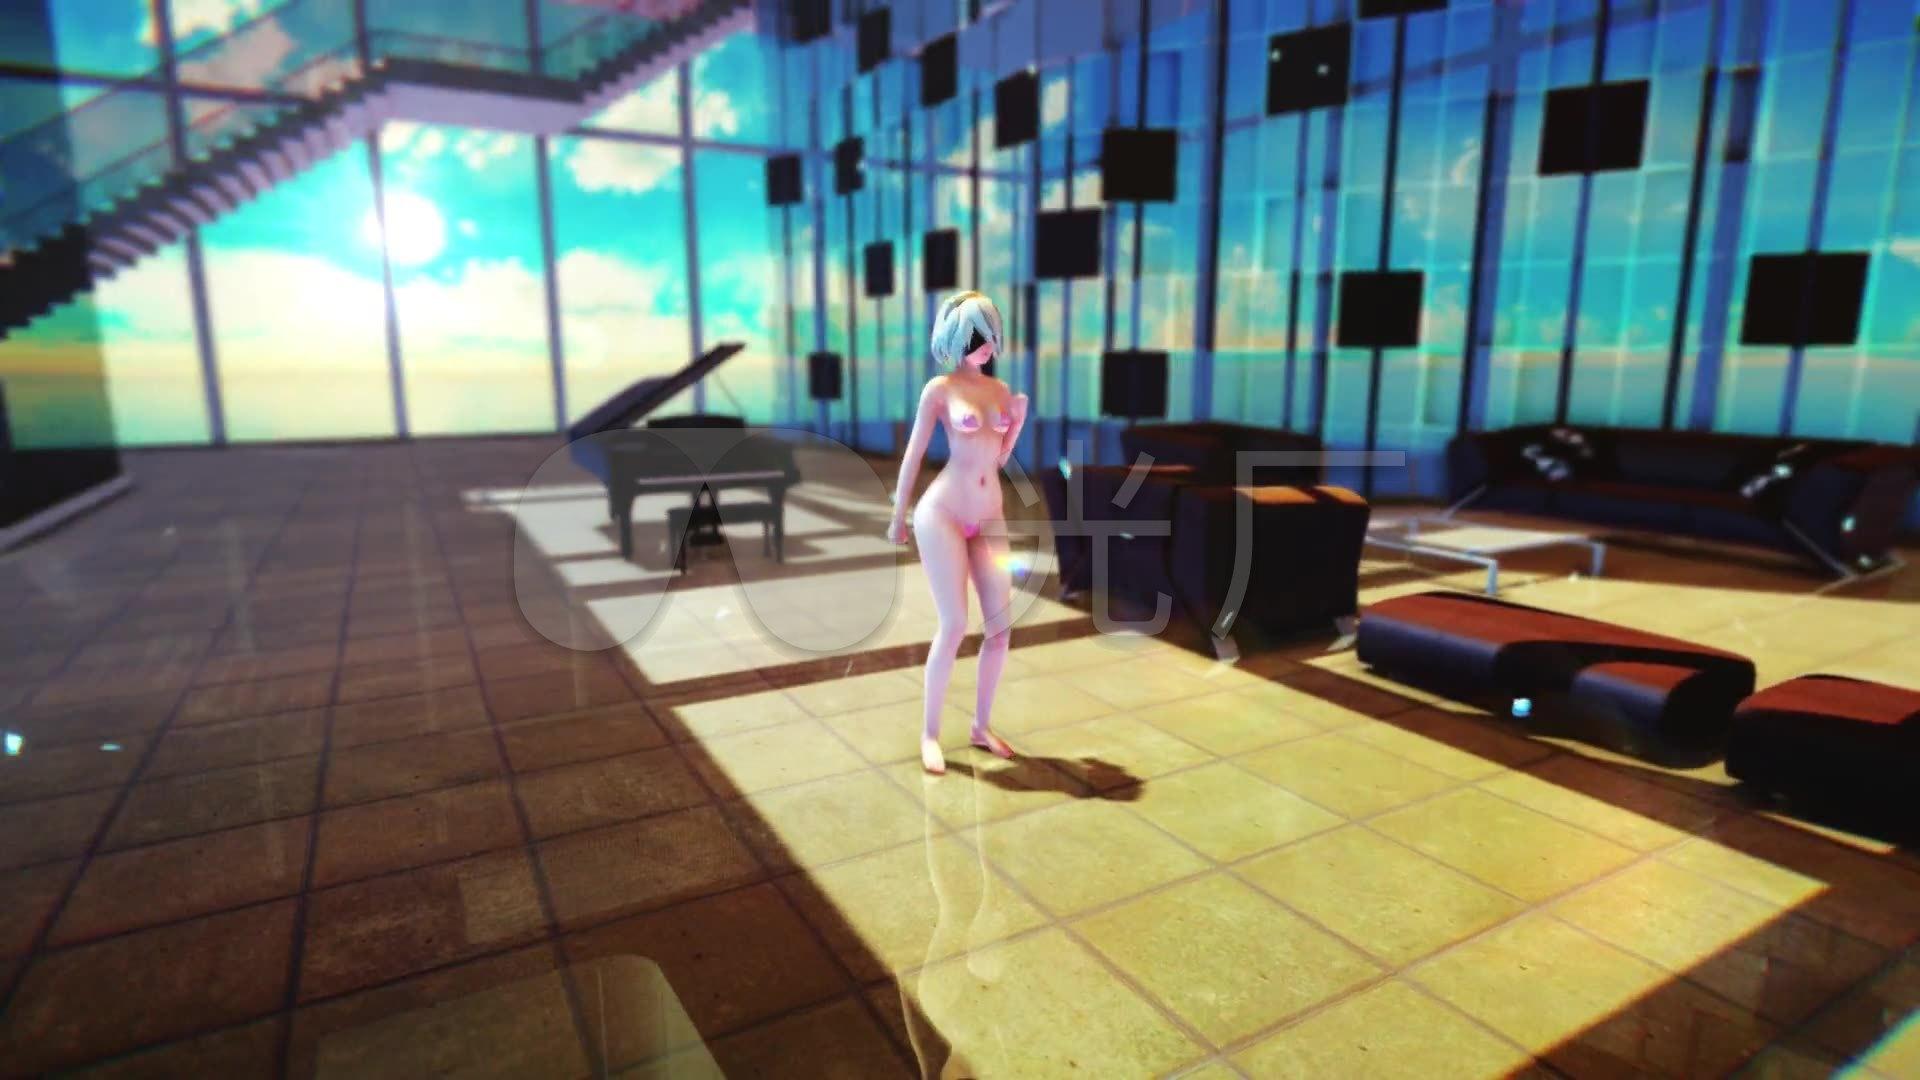 尼尔纪元机械高清热舞_1920X1080_性感黑色性感视频台t